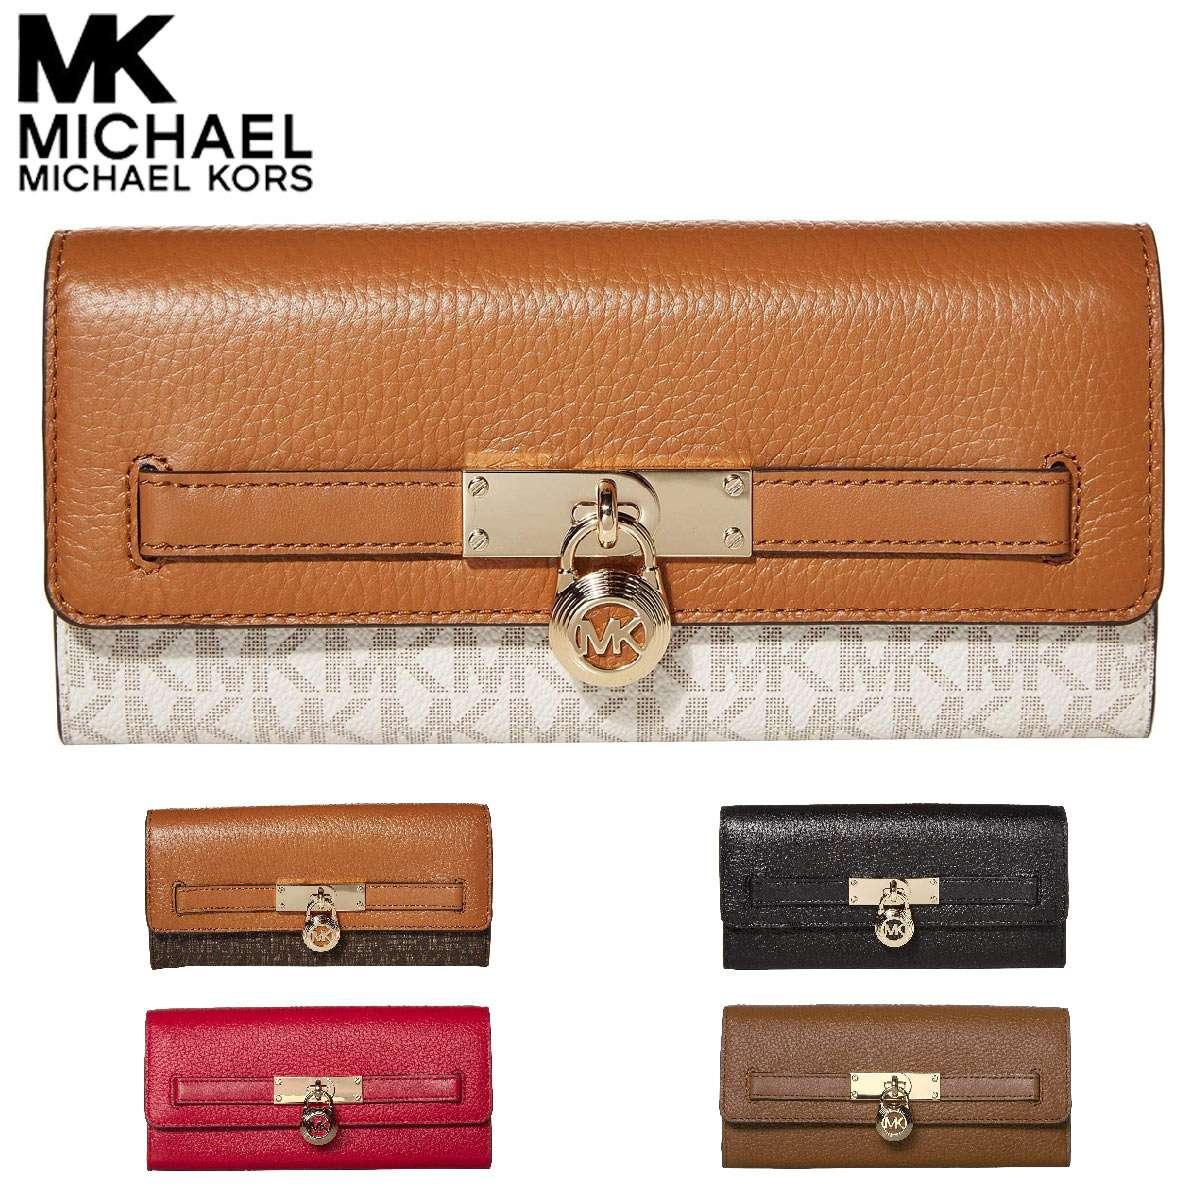 正規取扱店 マイケルコース 財布 長財布 レディース ブランド l字ファスナー Michael Kors 予約販売 本革 薄い